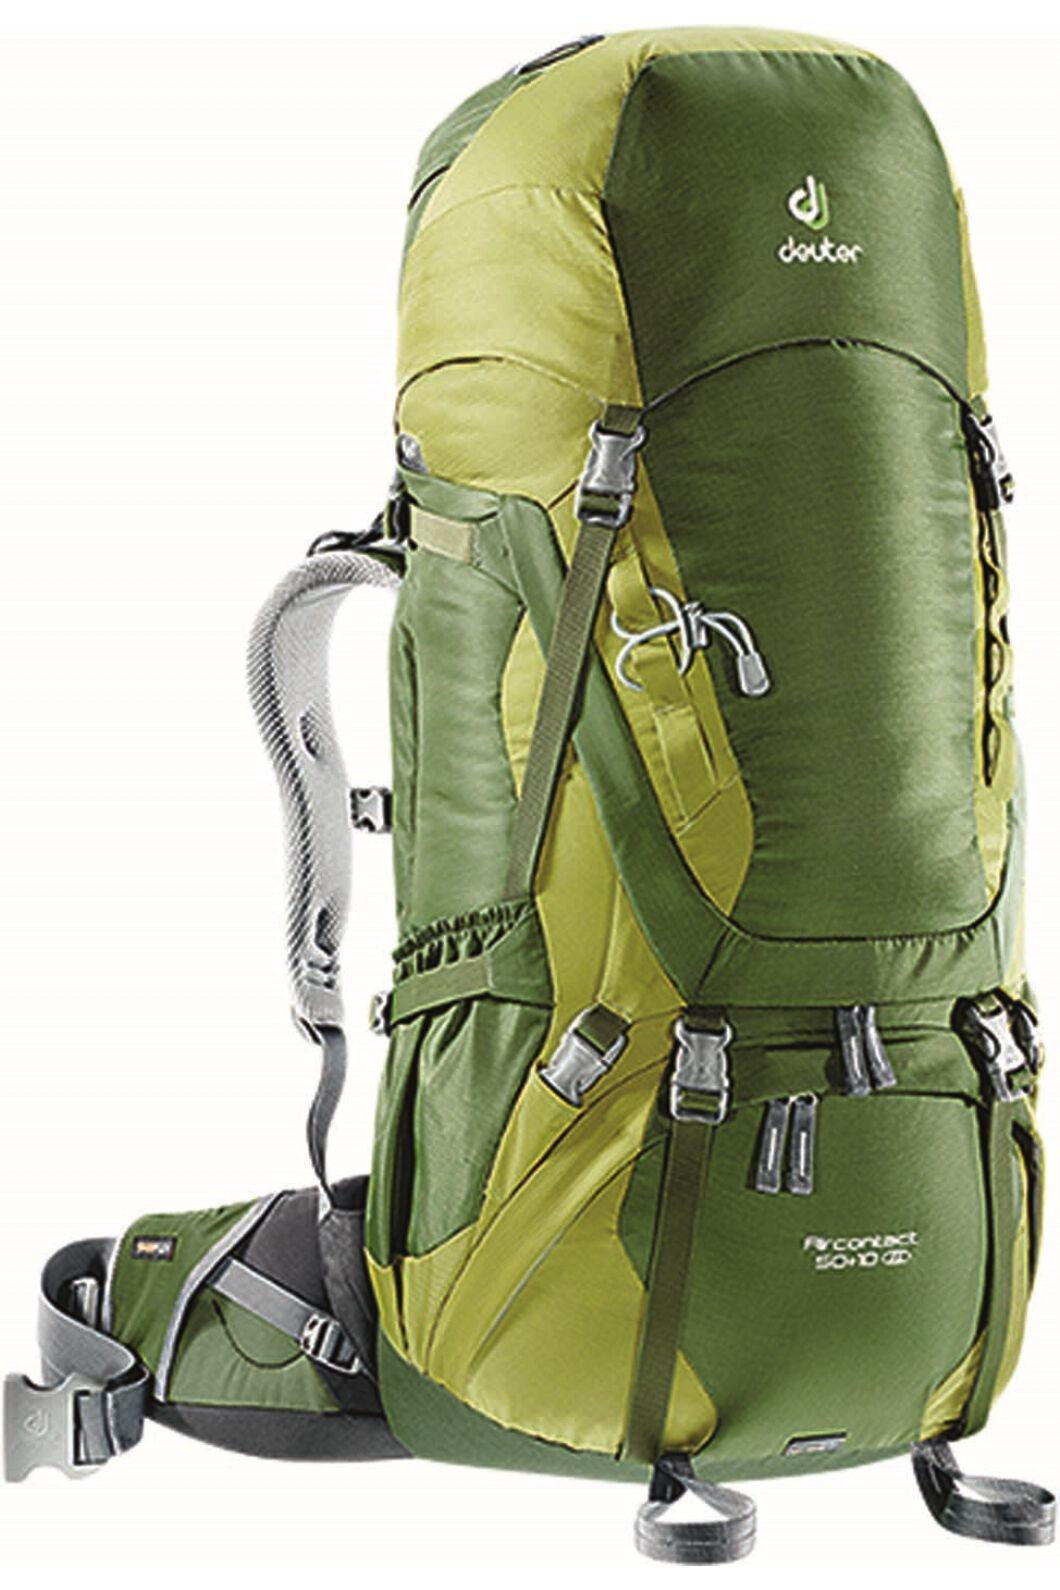 Deuter Aircontact Trekking Pack 50L+10L Pine Moss, None, hi-res